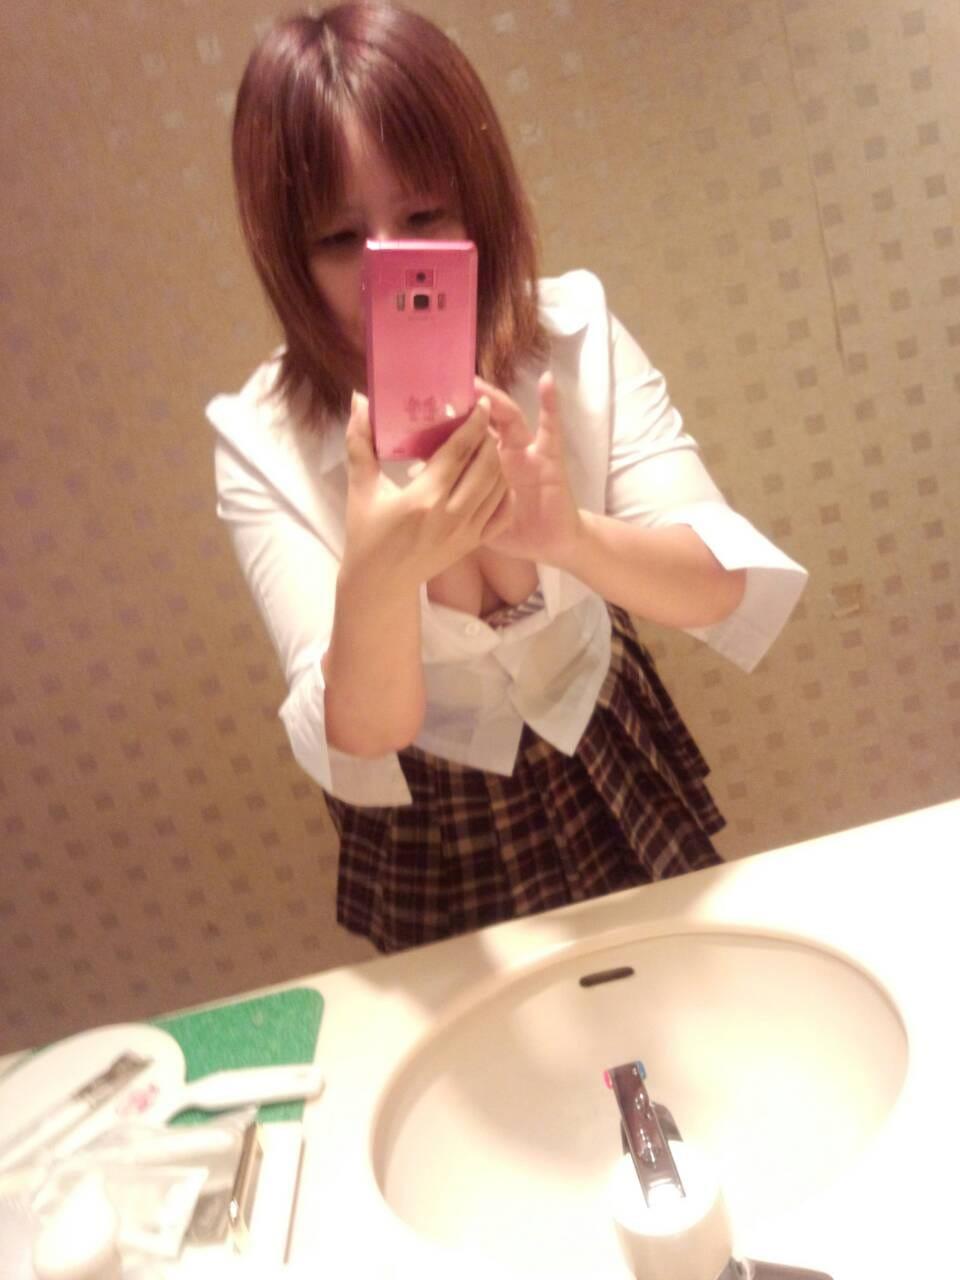 「おはよう(^-^)」11/13(11/13) 06:39 | 美優(みゆう)の写メ・風俗動画